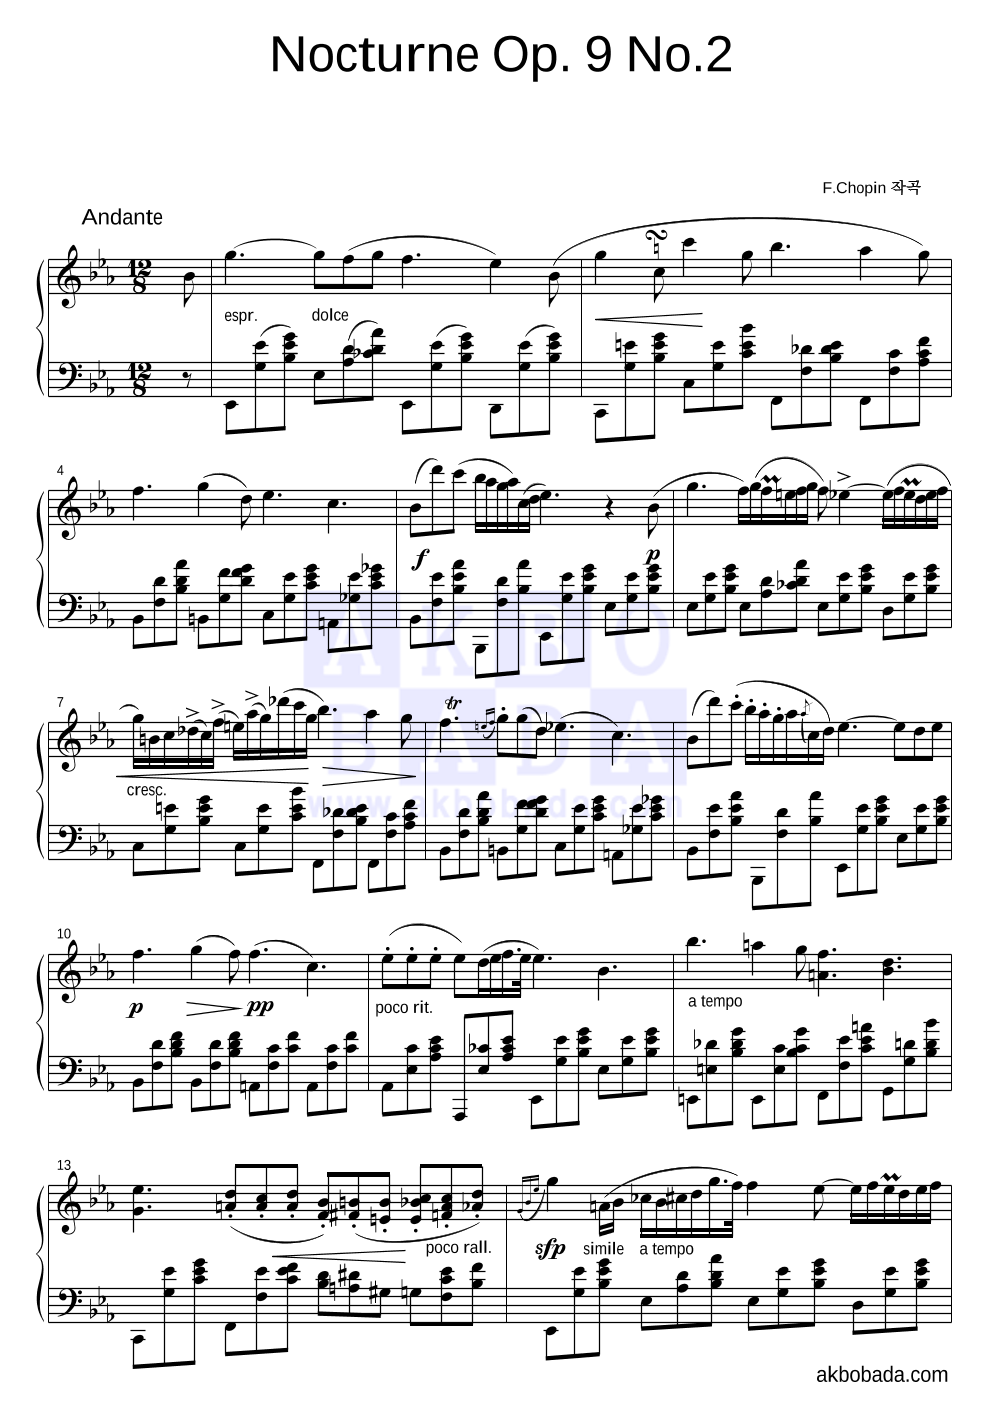 쇼팽 - Nocturne No.2 In E Flat Major Op.9-2 (야상곡 2번 내림 마장조) 피아노 2단 악보